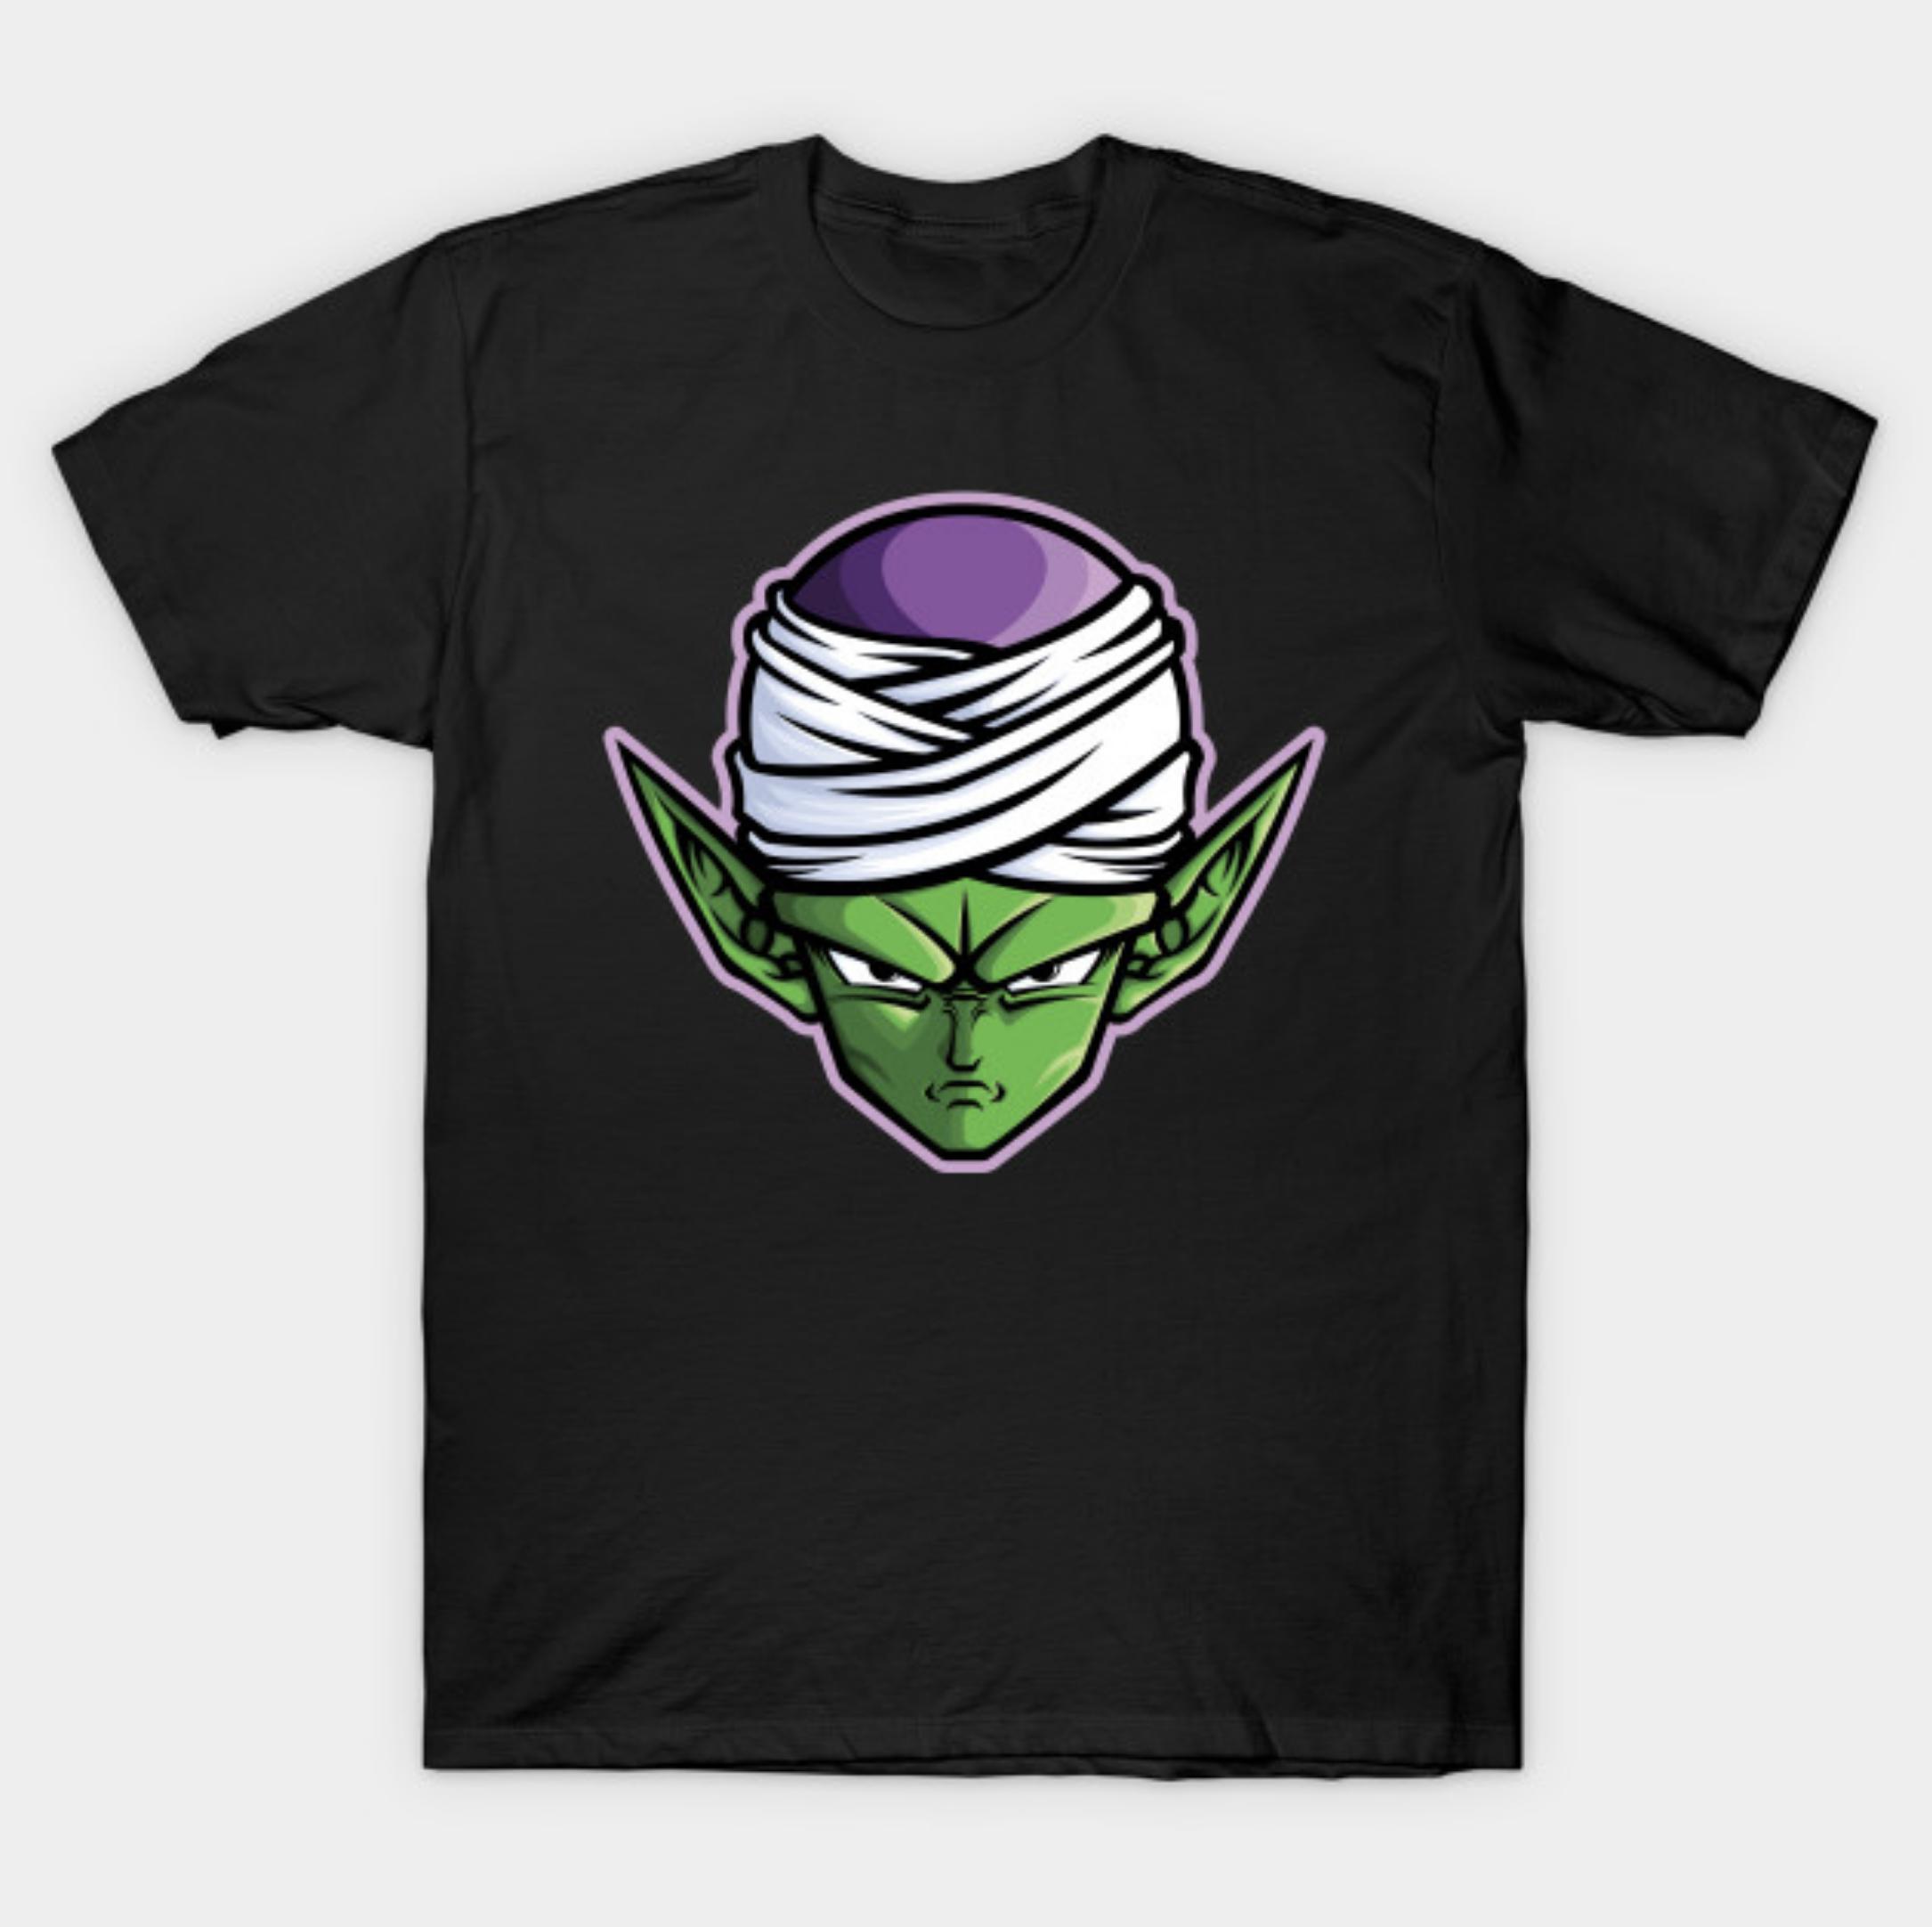 dragonballz-piccolo-teepublic-apparel.png